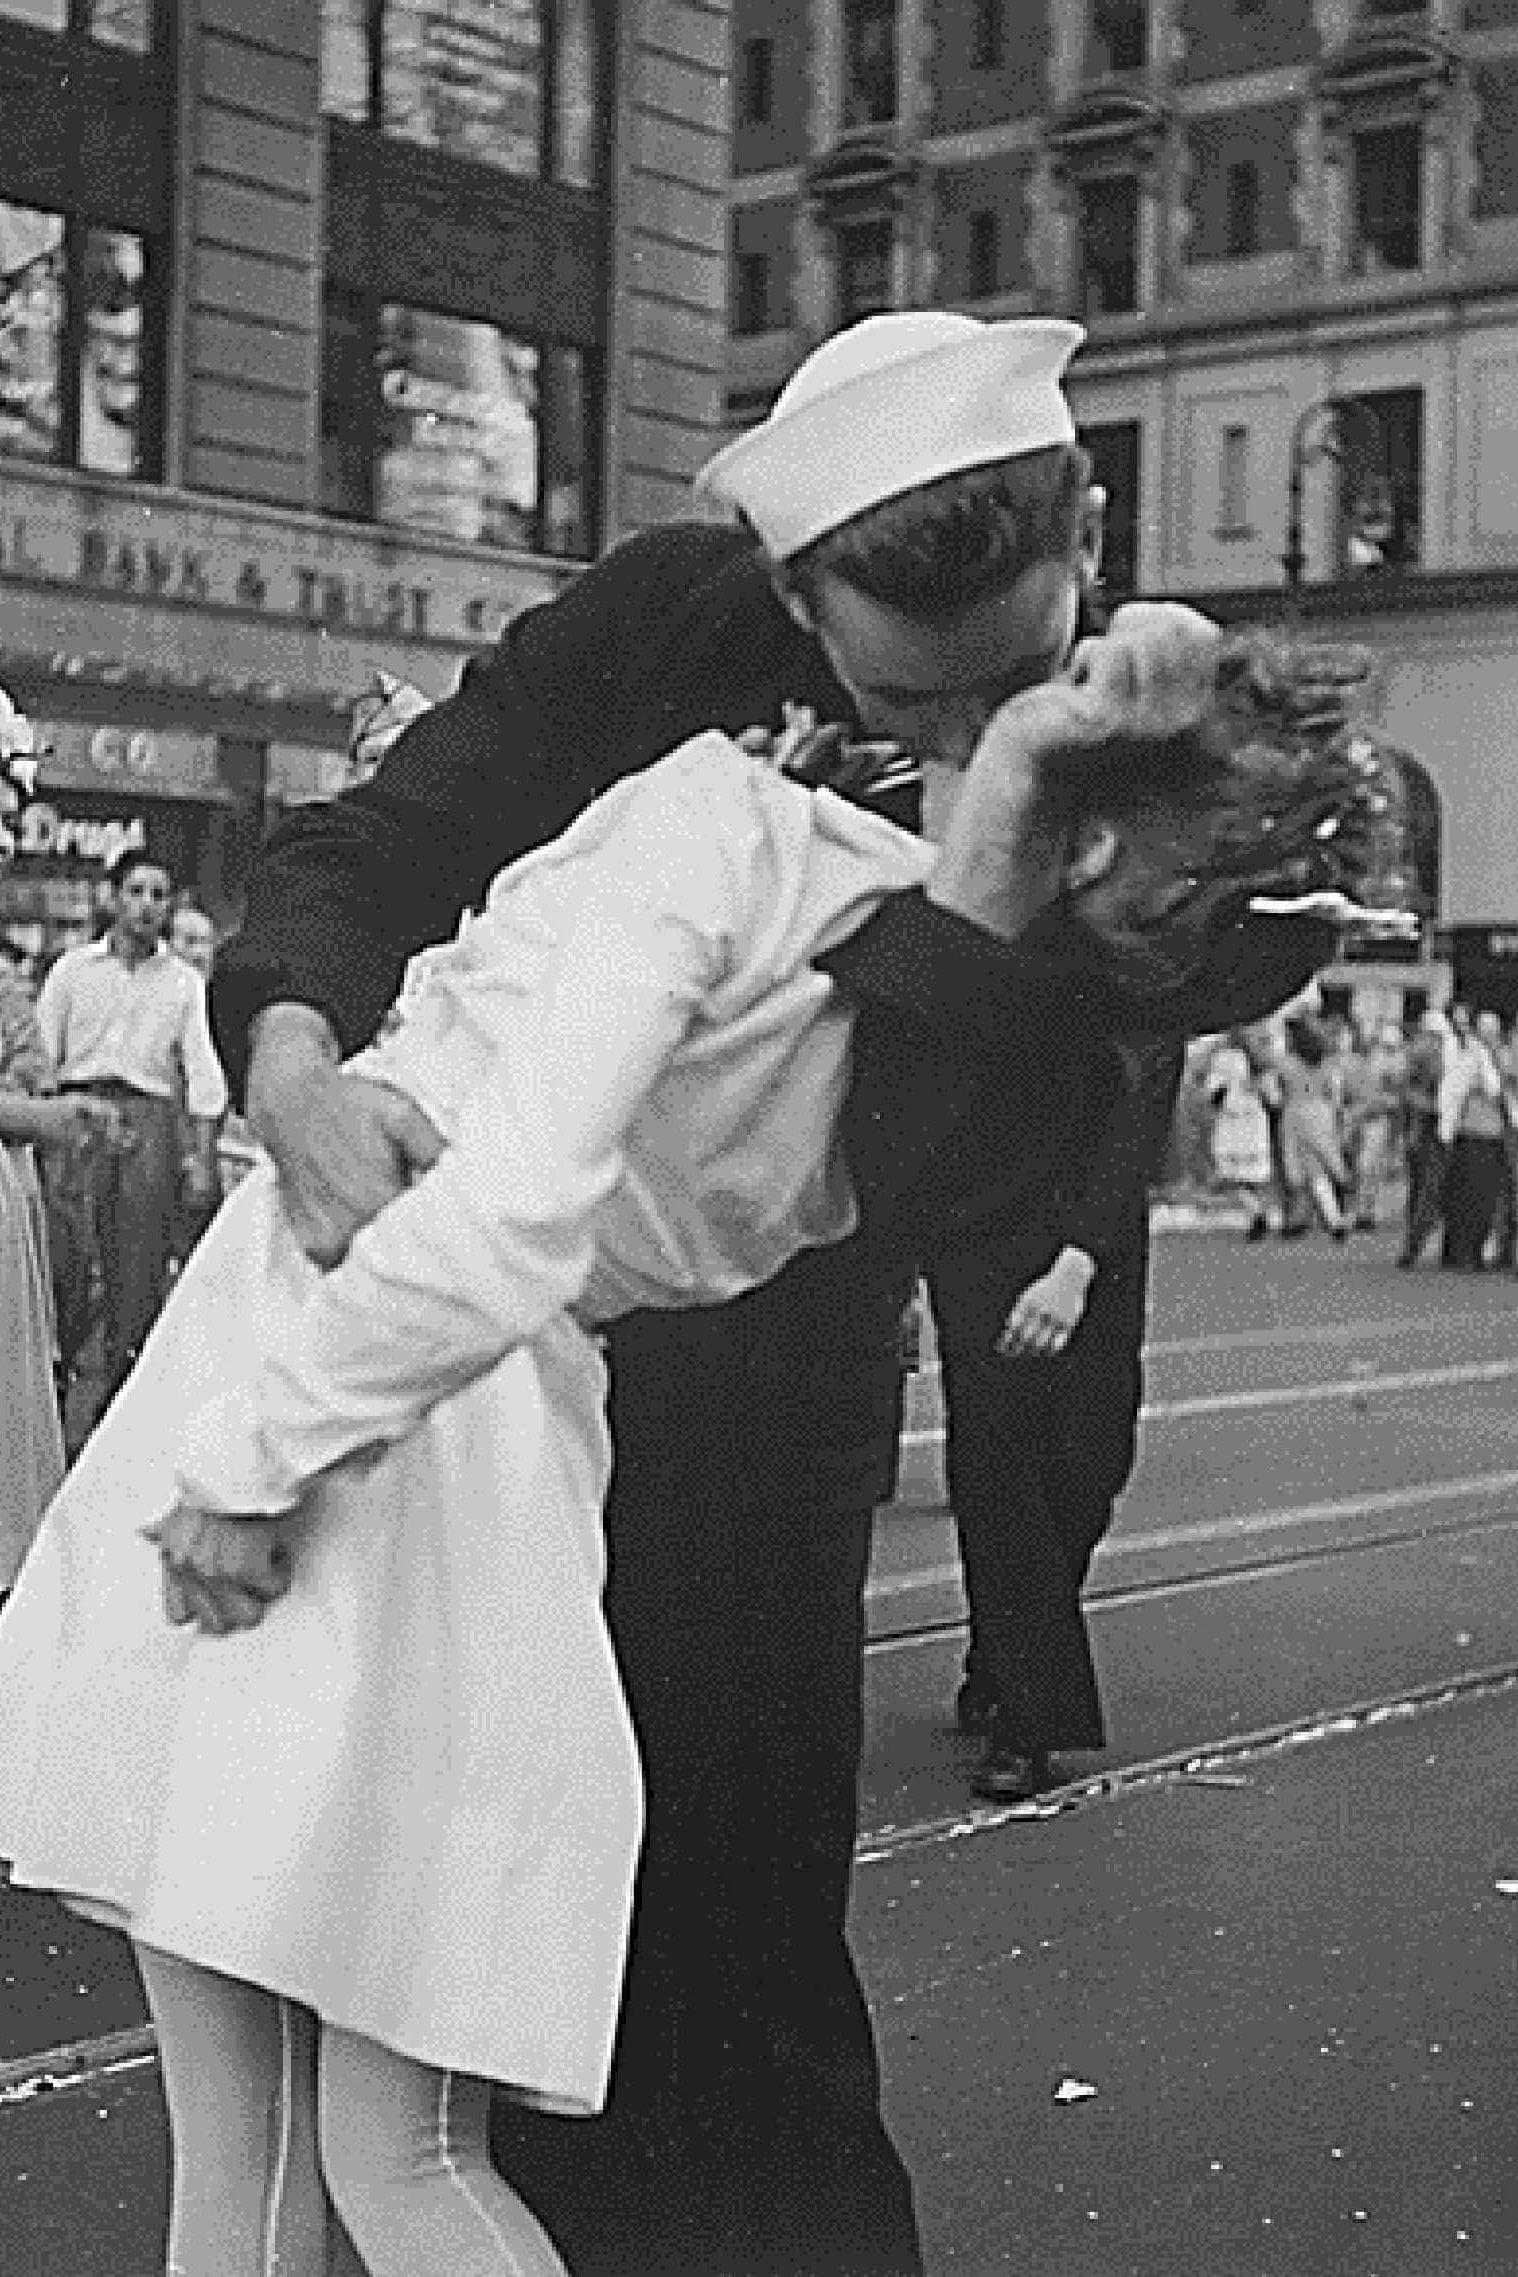 Morreu o marinheiro da fotografia de beijo no final da II Guerra Mundial